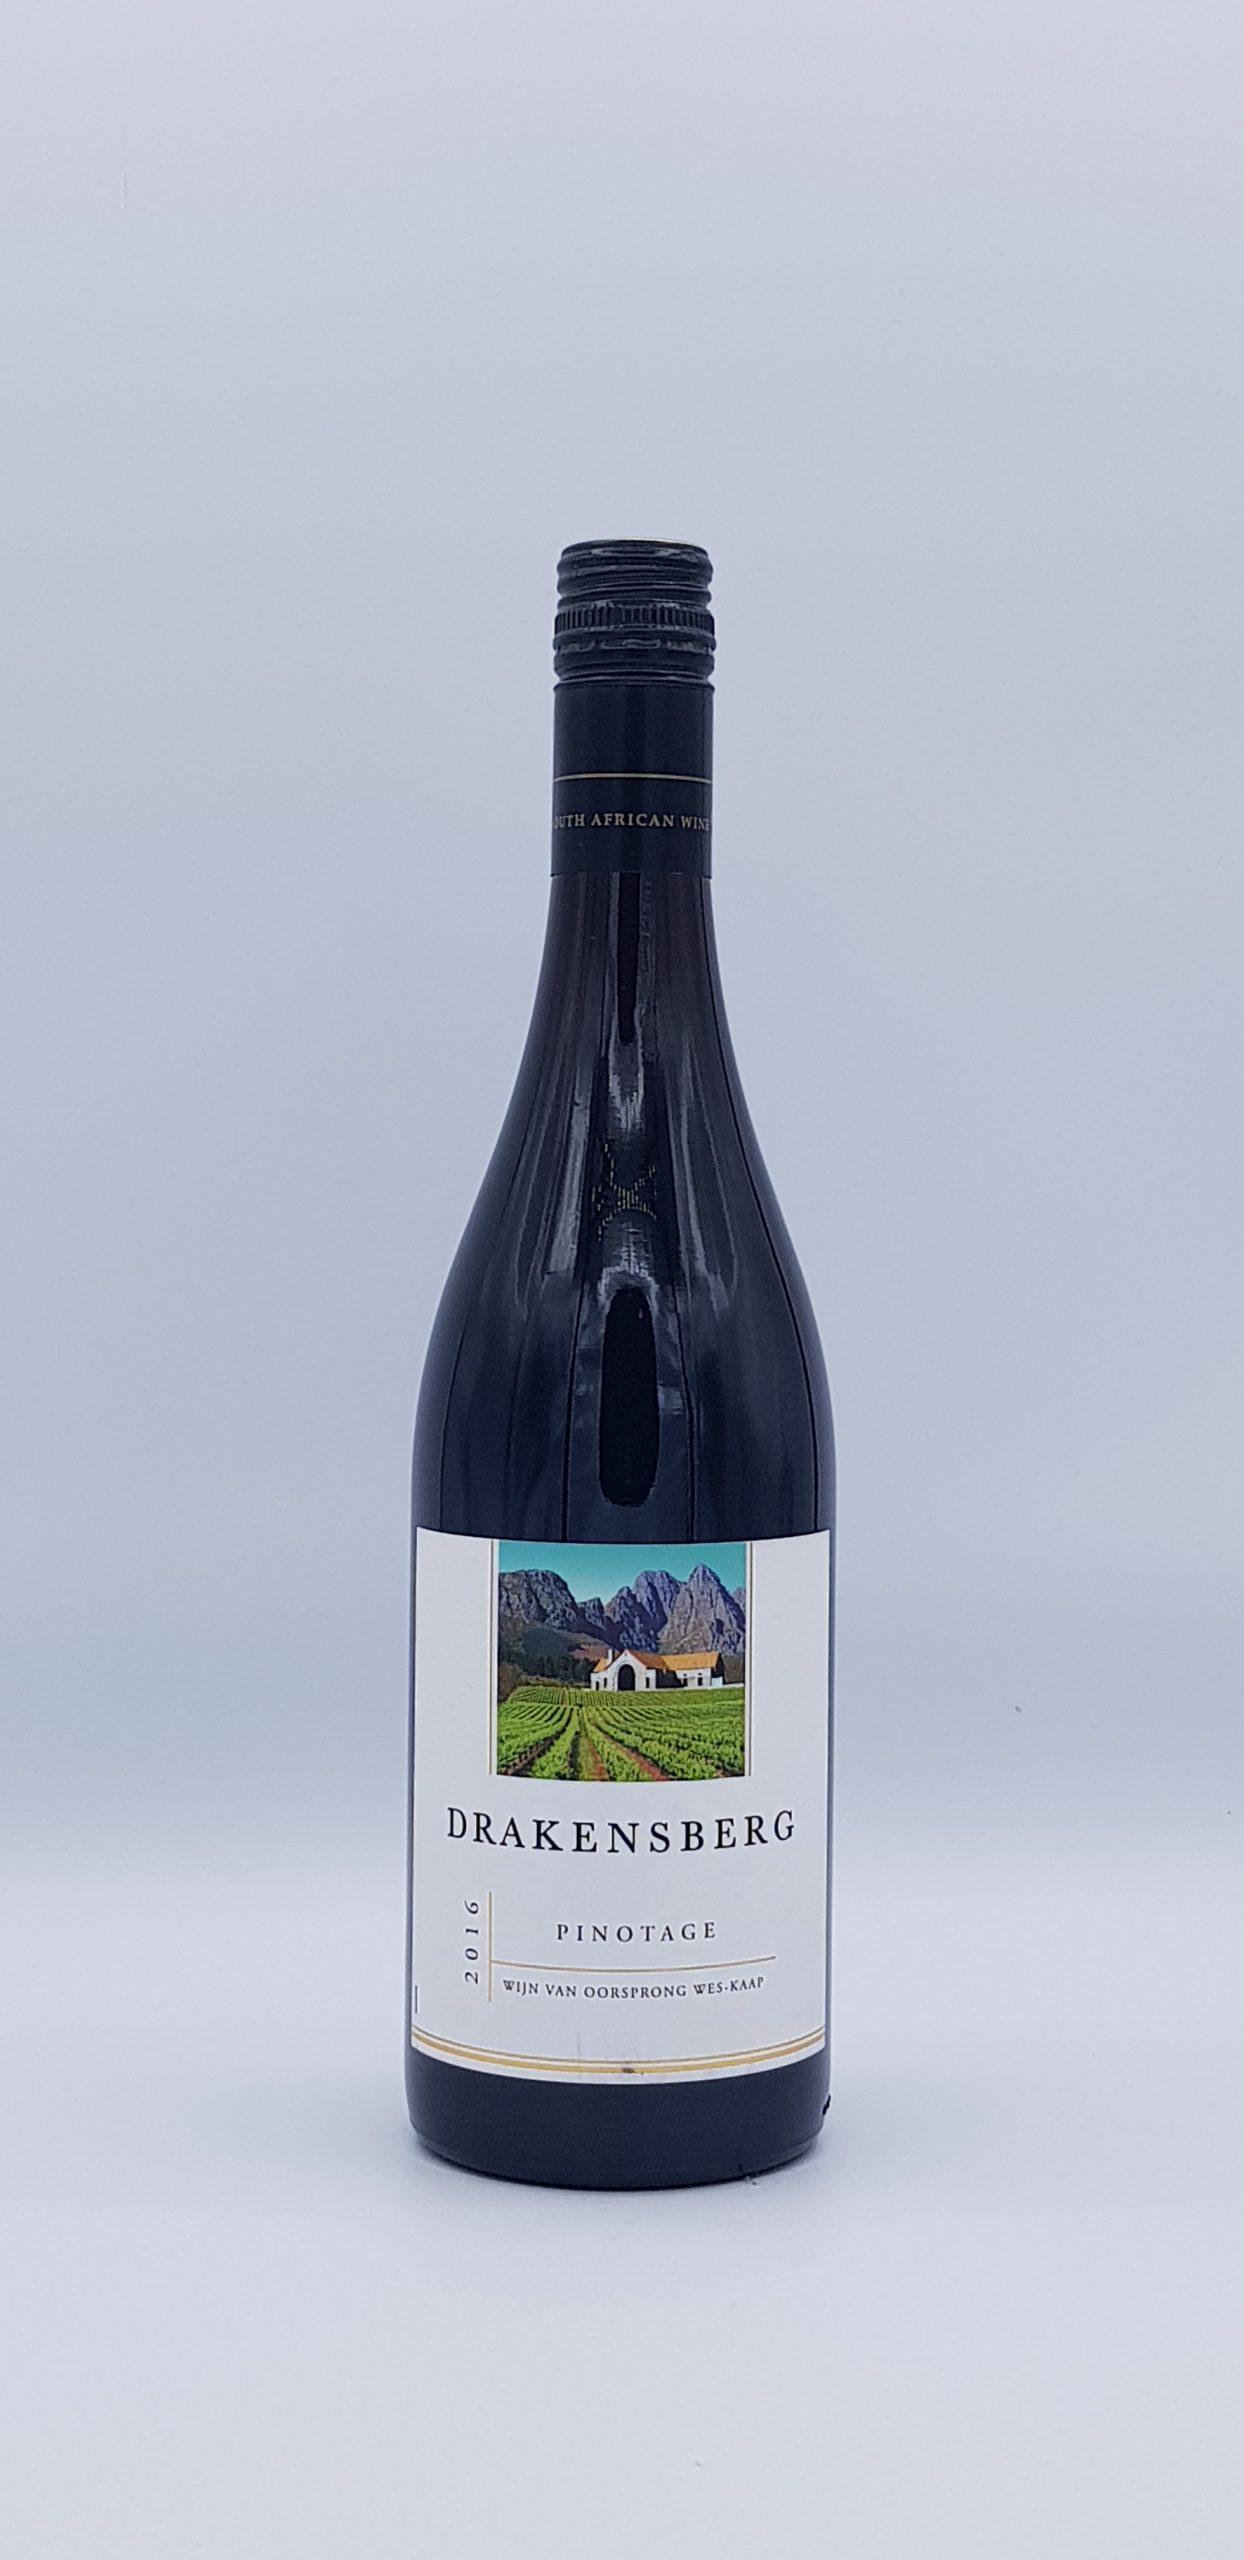 Drakensberg Pinotage 2016